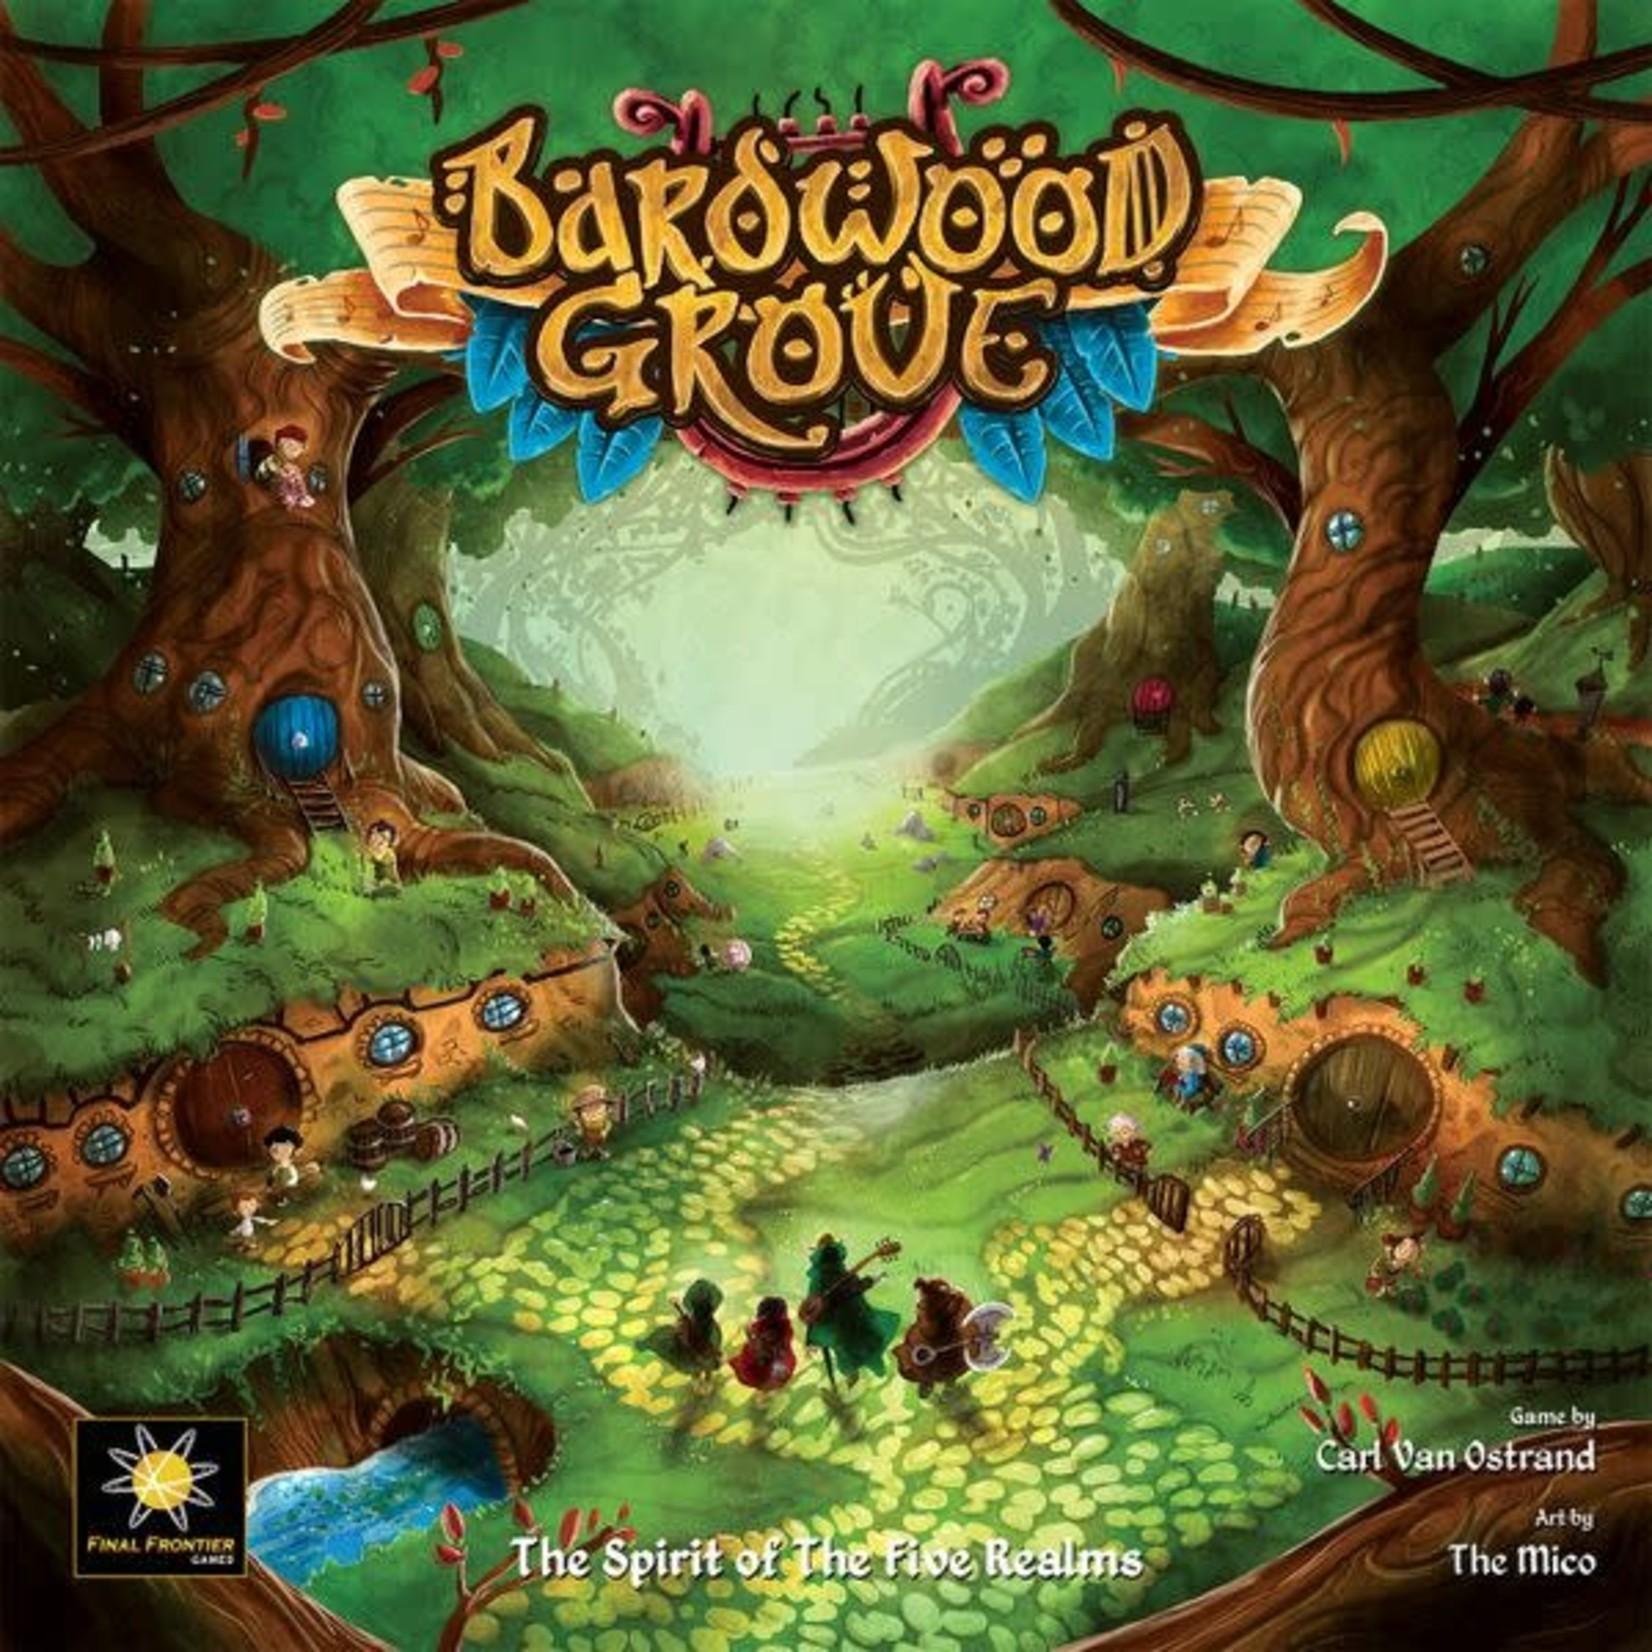 Final Frontier Games Bardwood Grove KS Deluxe